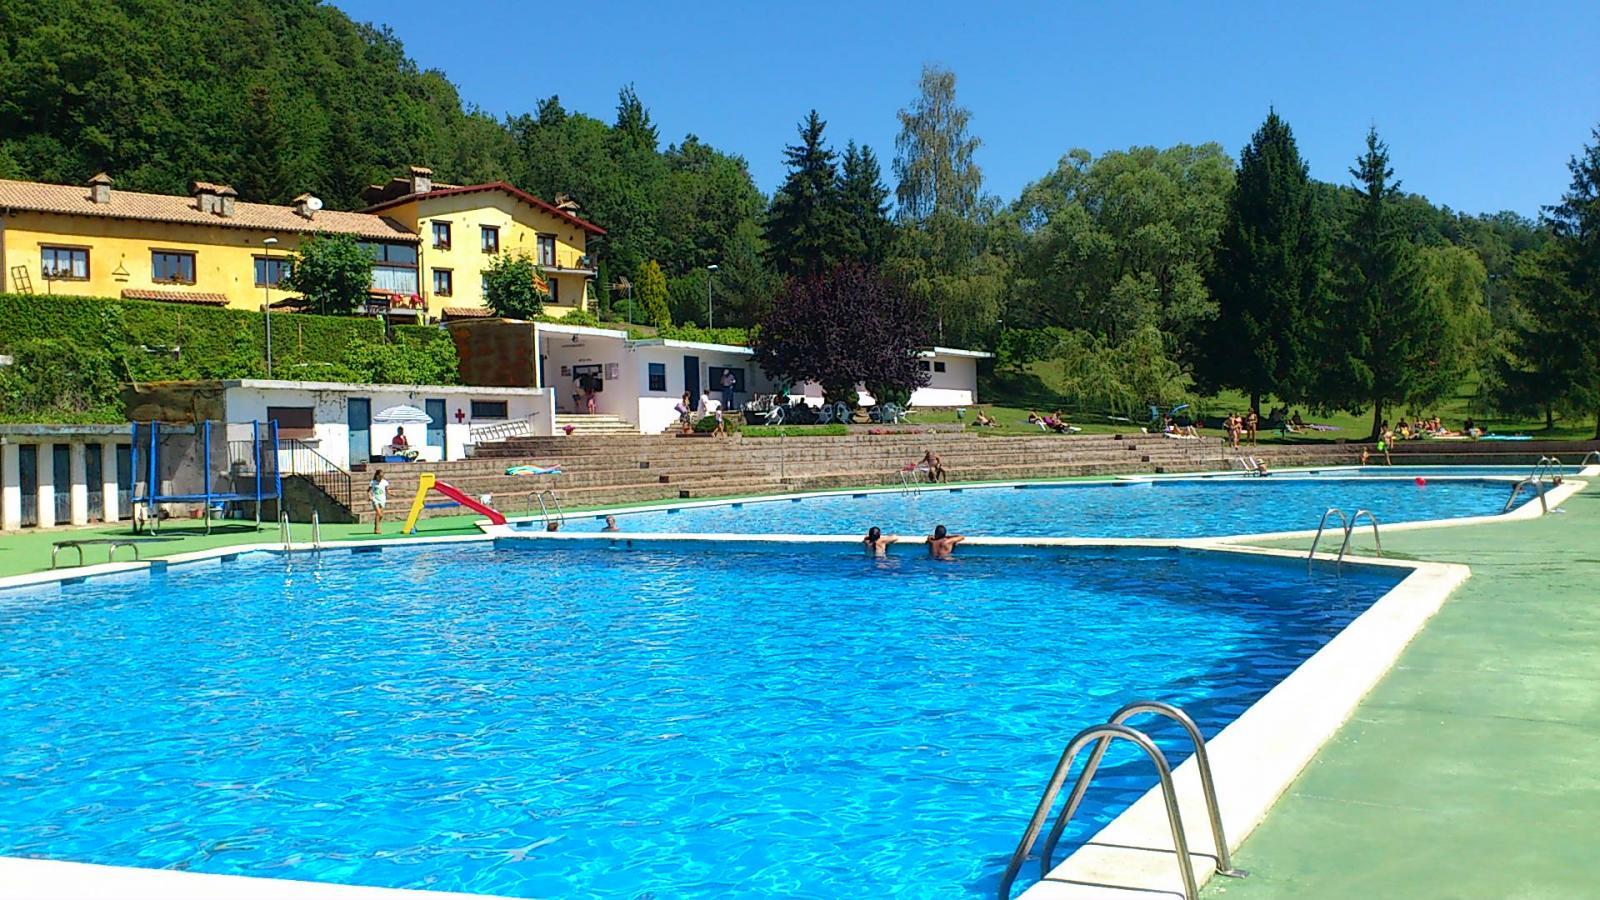 Fotos de ca l 39 avet casa rural en camprodon girona for Casa rural girona piscina